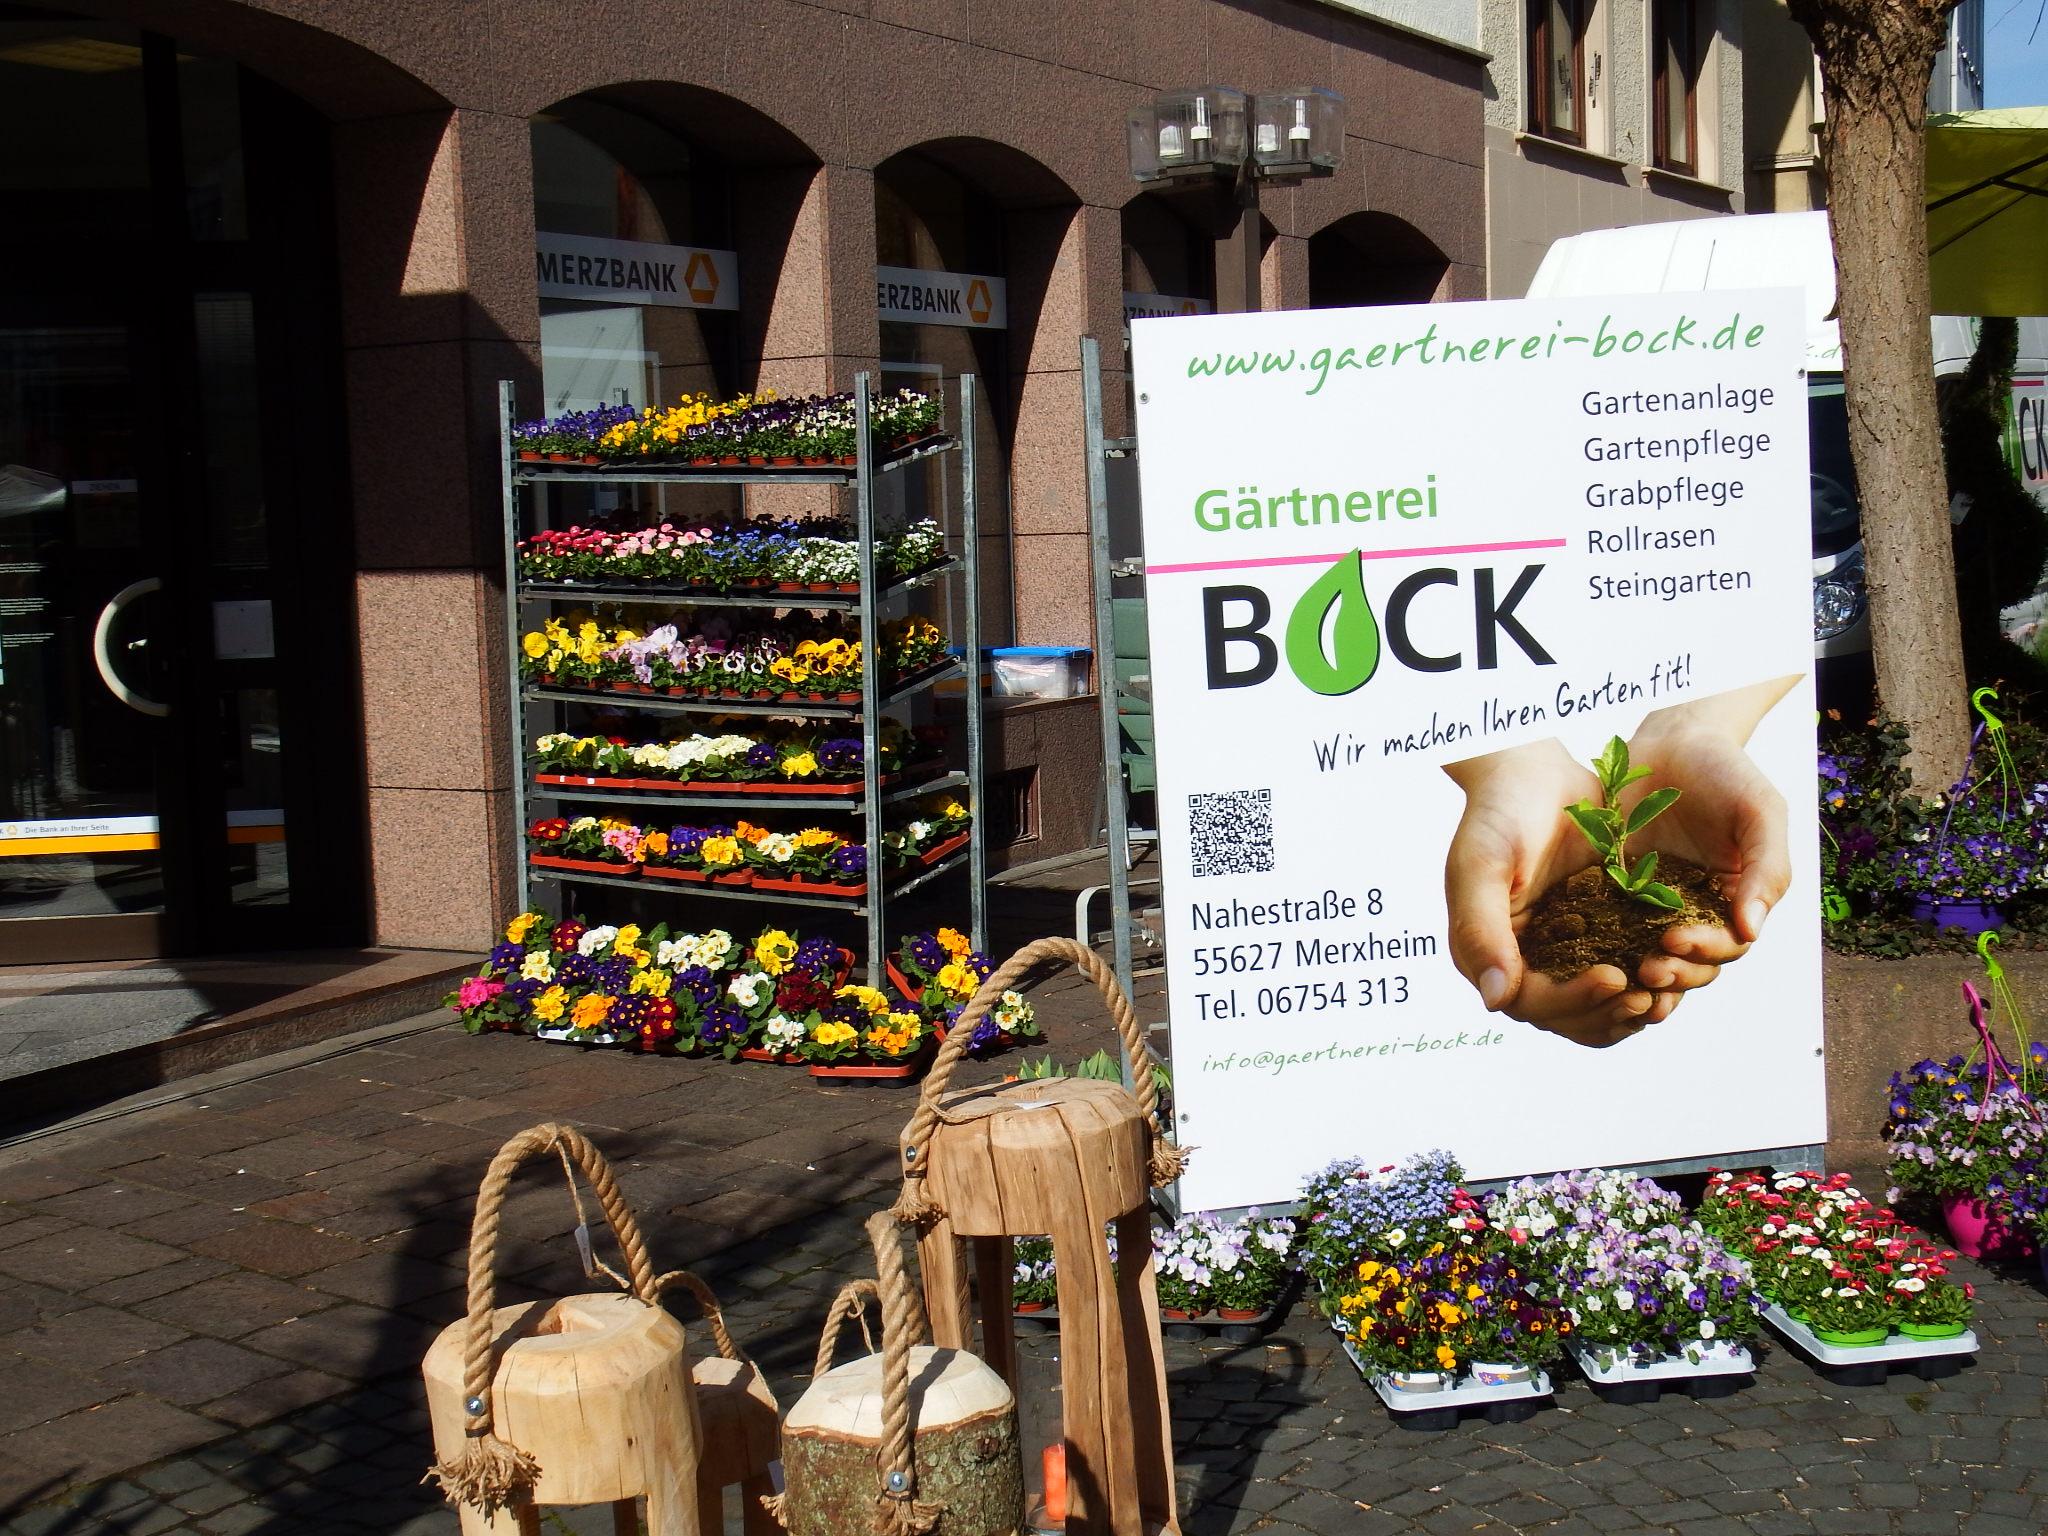 Frühlingserwachen - Gärtnerei Bock - Kirn - Bad Sobernheim - Galabau - Gartenbau - Landschaftsbau - Meisenheim - Bad Kreuznach - Messe - Idar-Oberstein